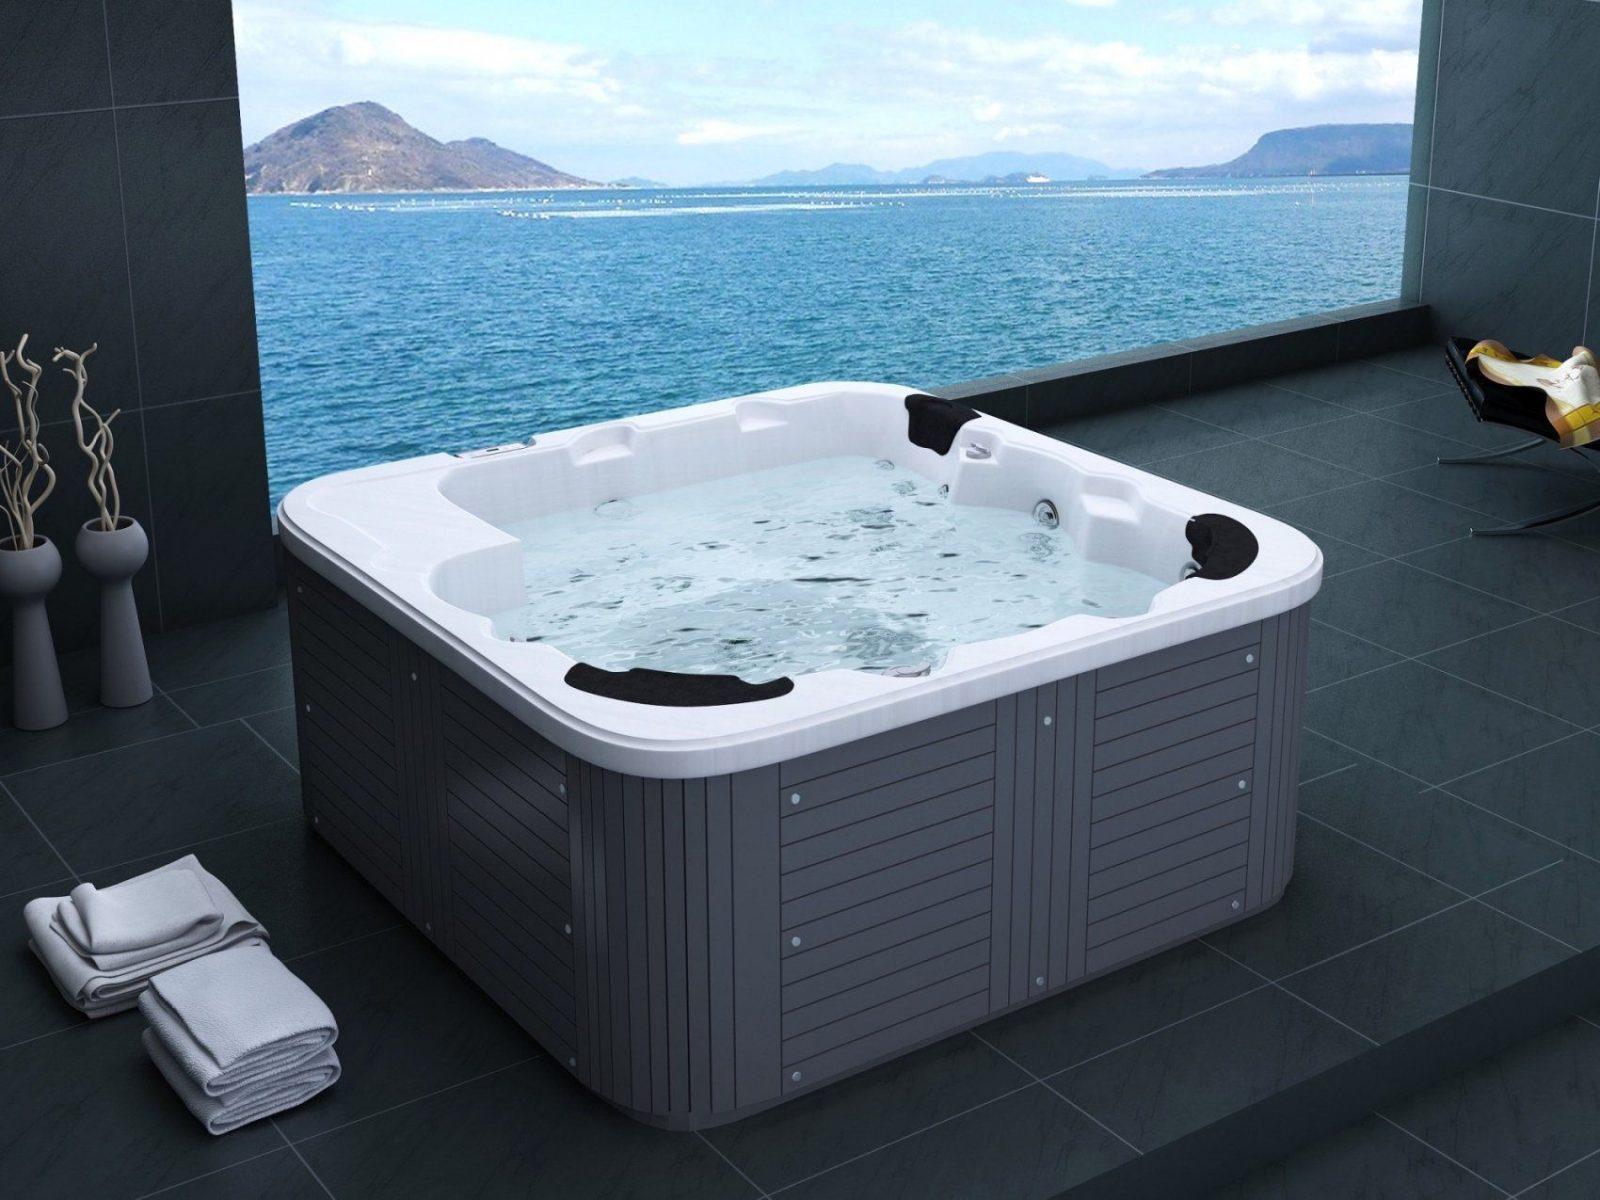 Luxus Badezimmer Mit Entzückend Badezimmer Mit Whirlpool  Wohndesign von Luxus Badezimmer Mit Whirlpool Bild